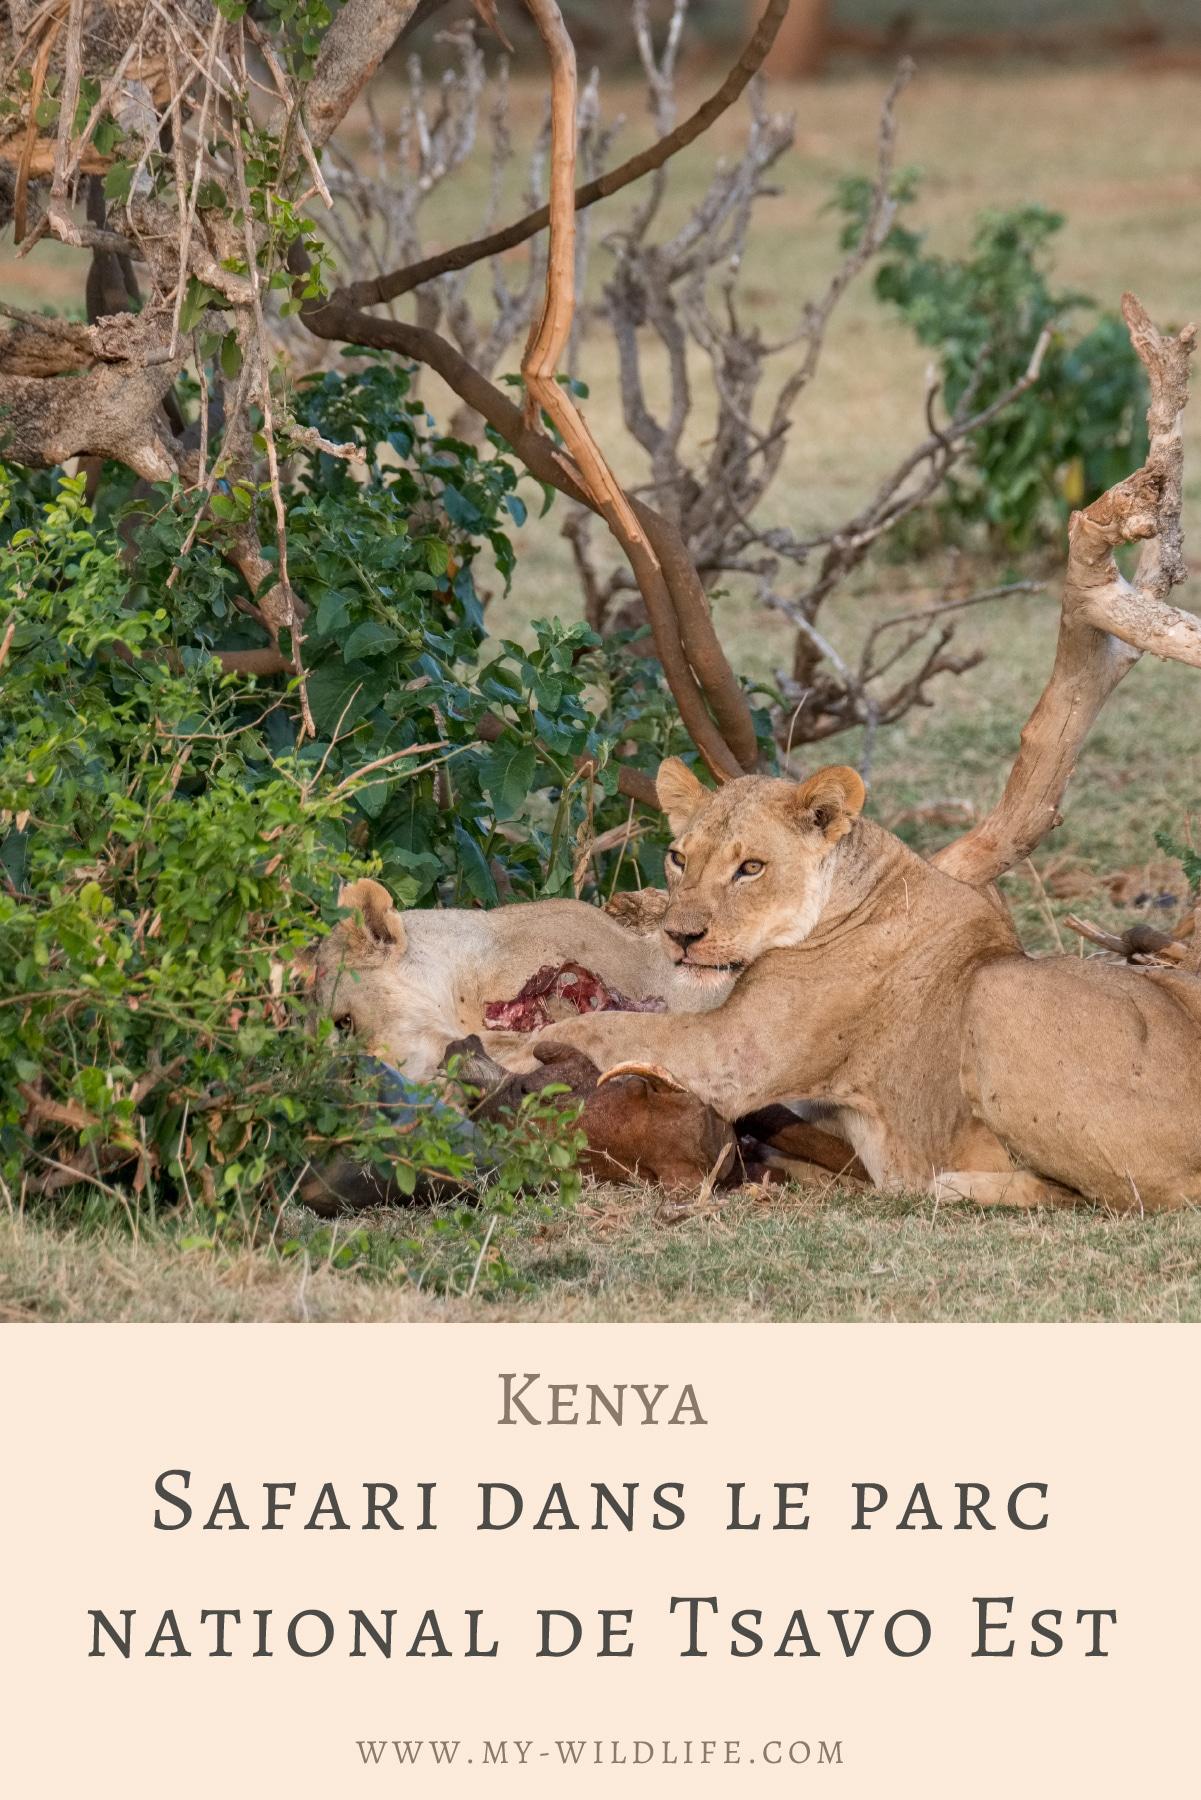 Safari-dans-le-parc-national-de-Tsavo-Est-03